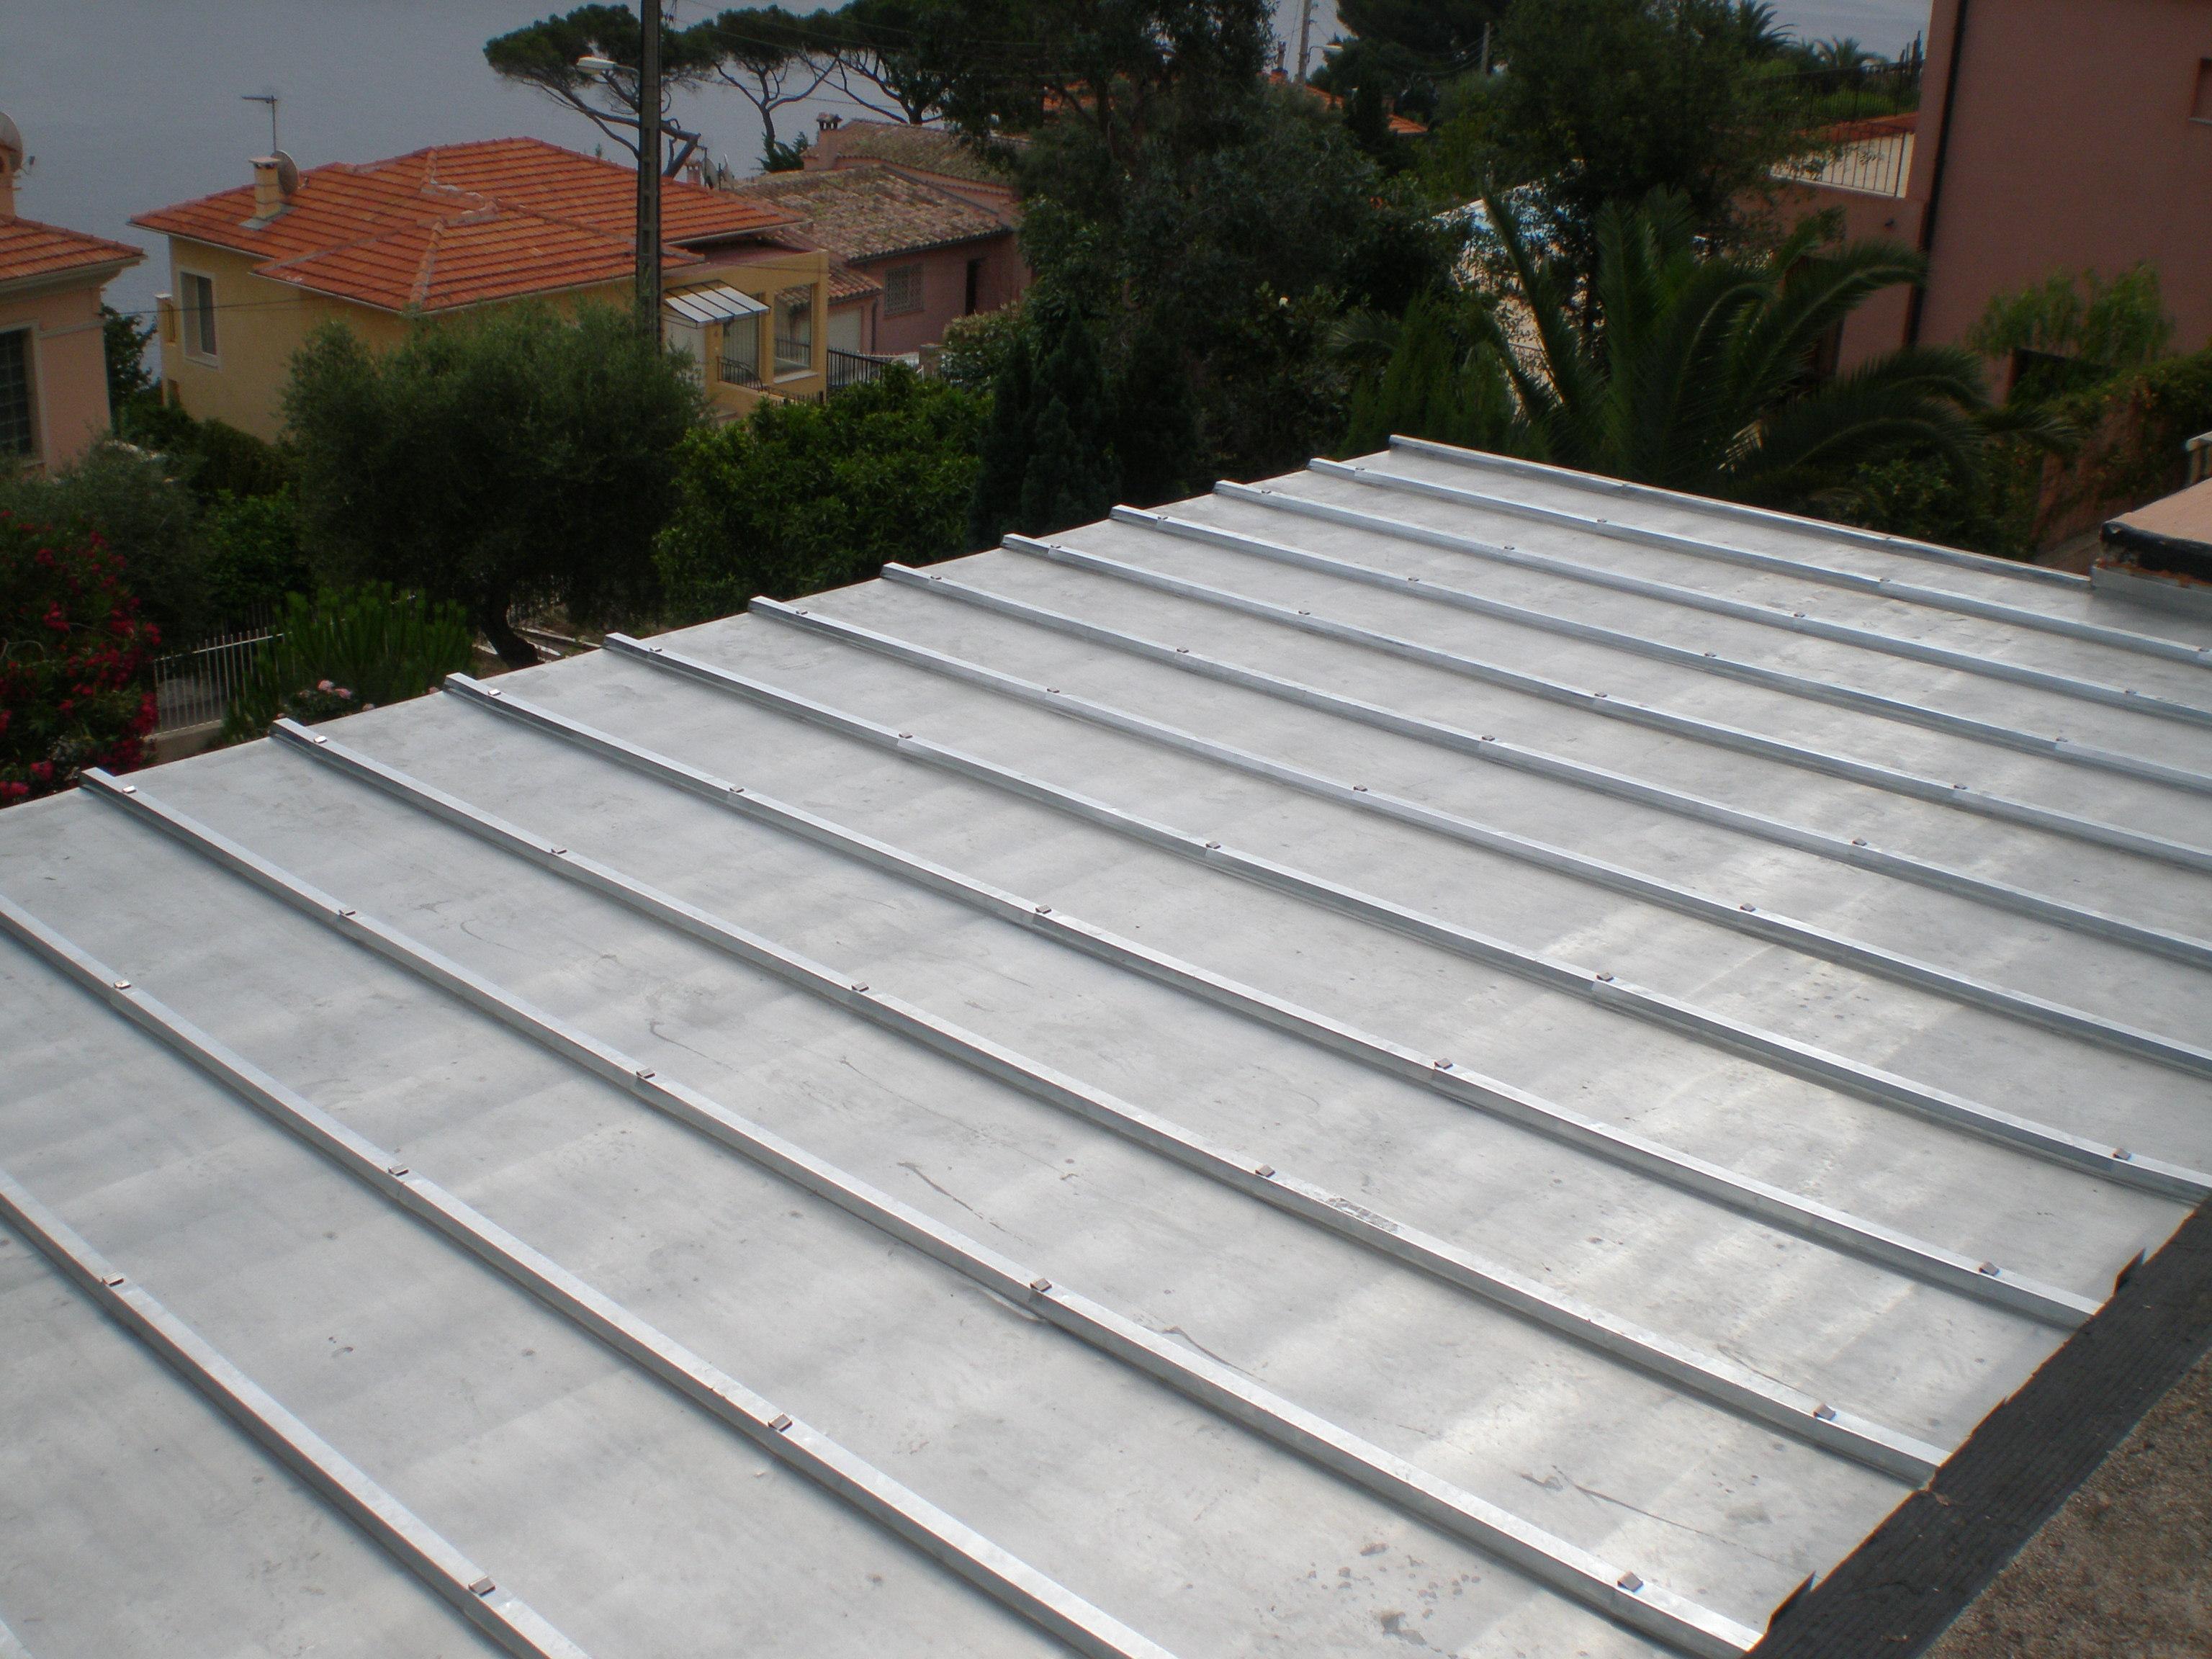 terrasse bois sur toiture zinc diverses id es de conception de patio en bois pour. Black Bedroom Furniture Sets. Home Design Ideas